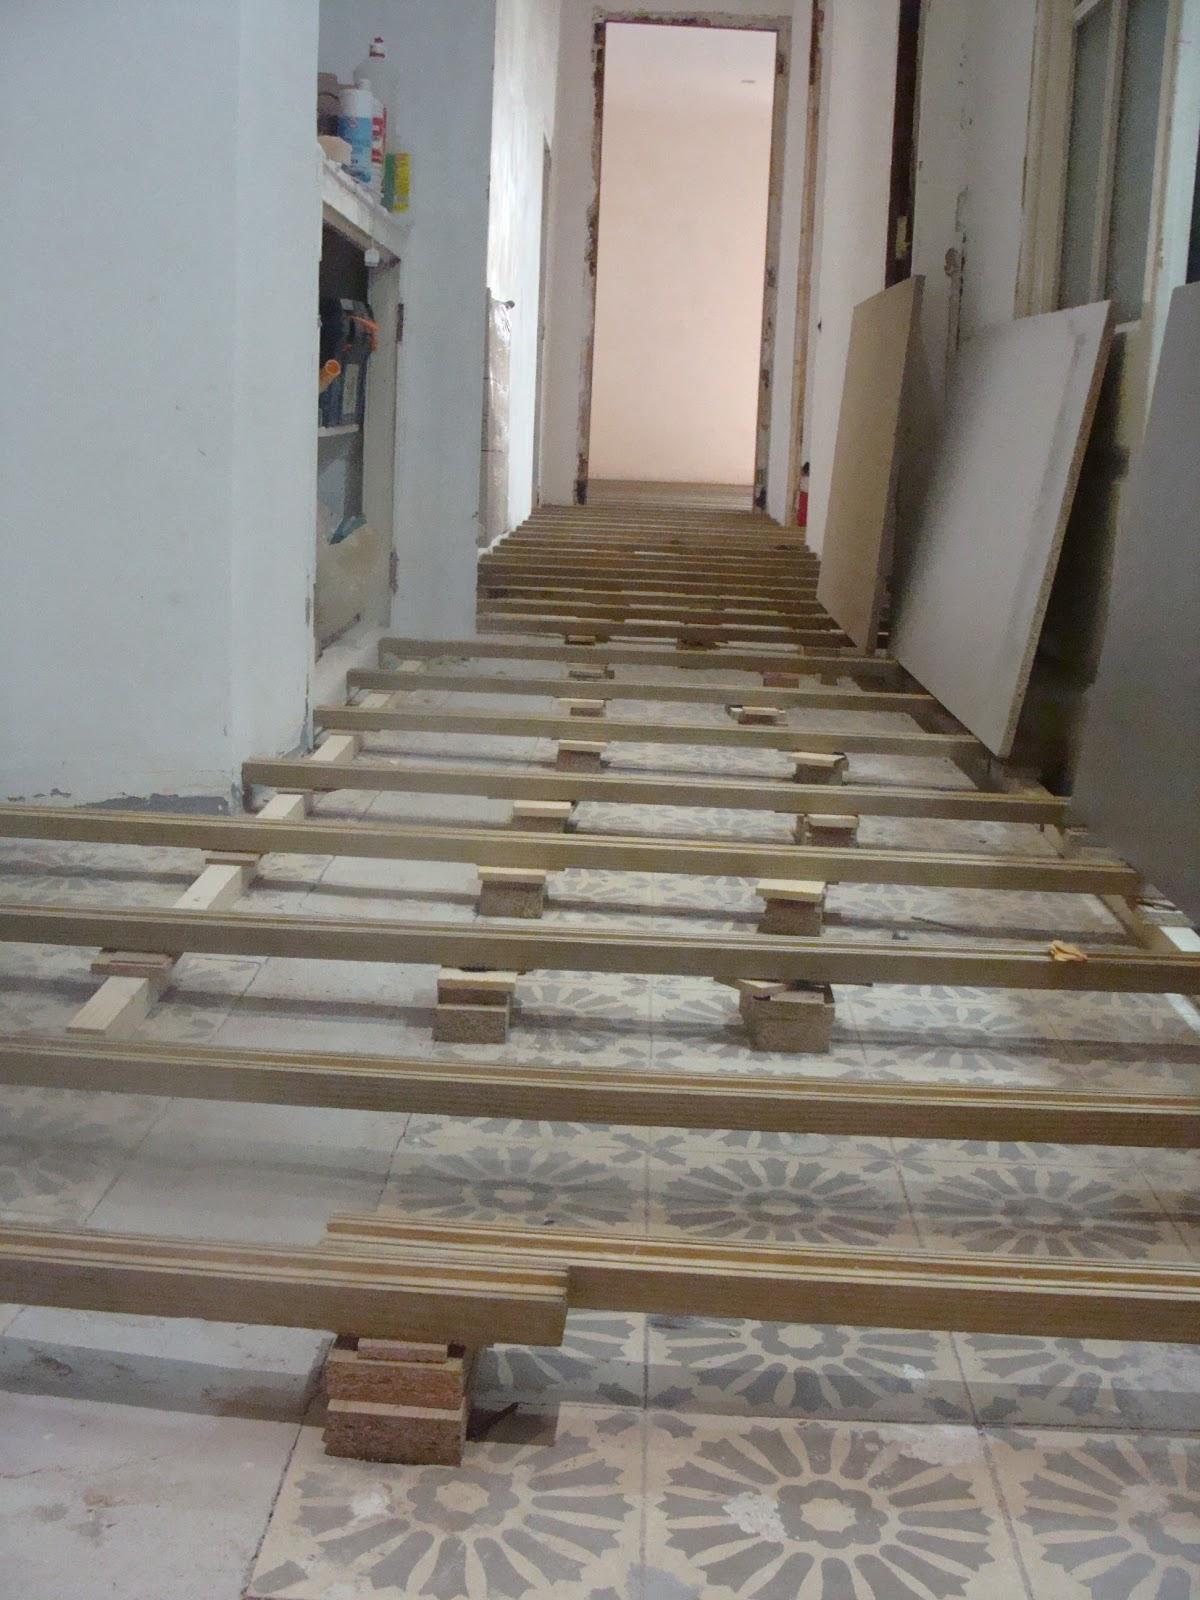 estructura de madera los pisos estn sobre bigas de madera y entre ellas bobedillas realizadas con ladrillo de rasilla sobre esta estructura una masa